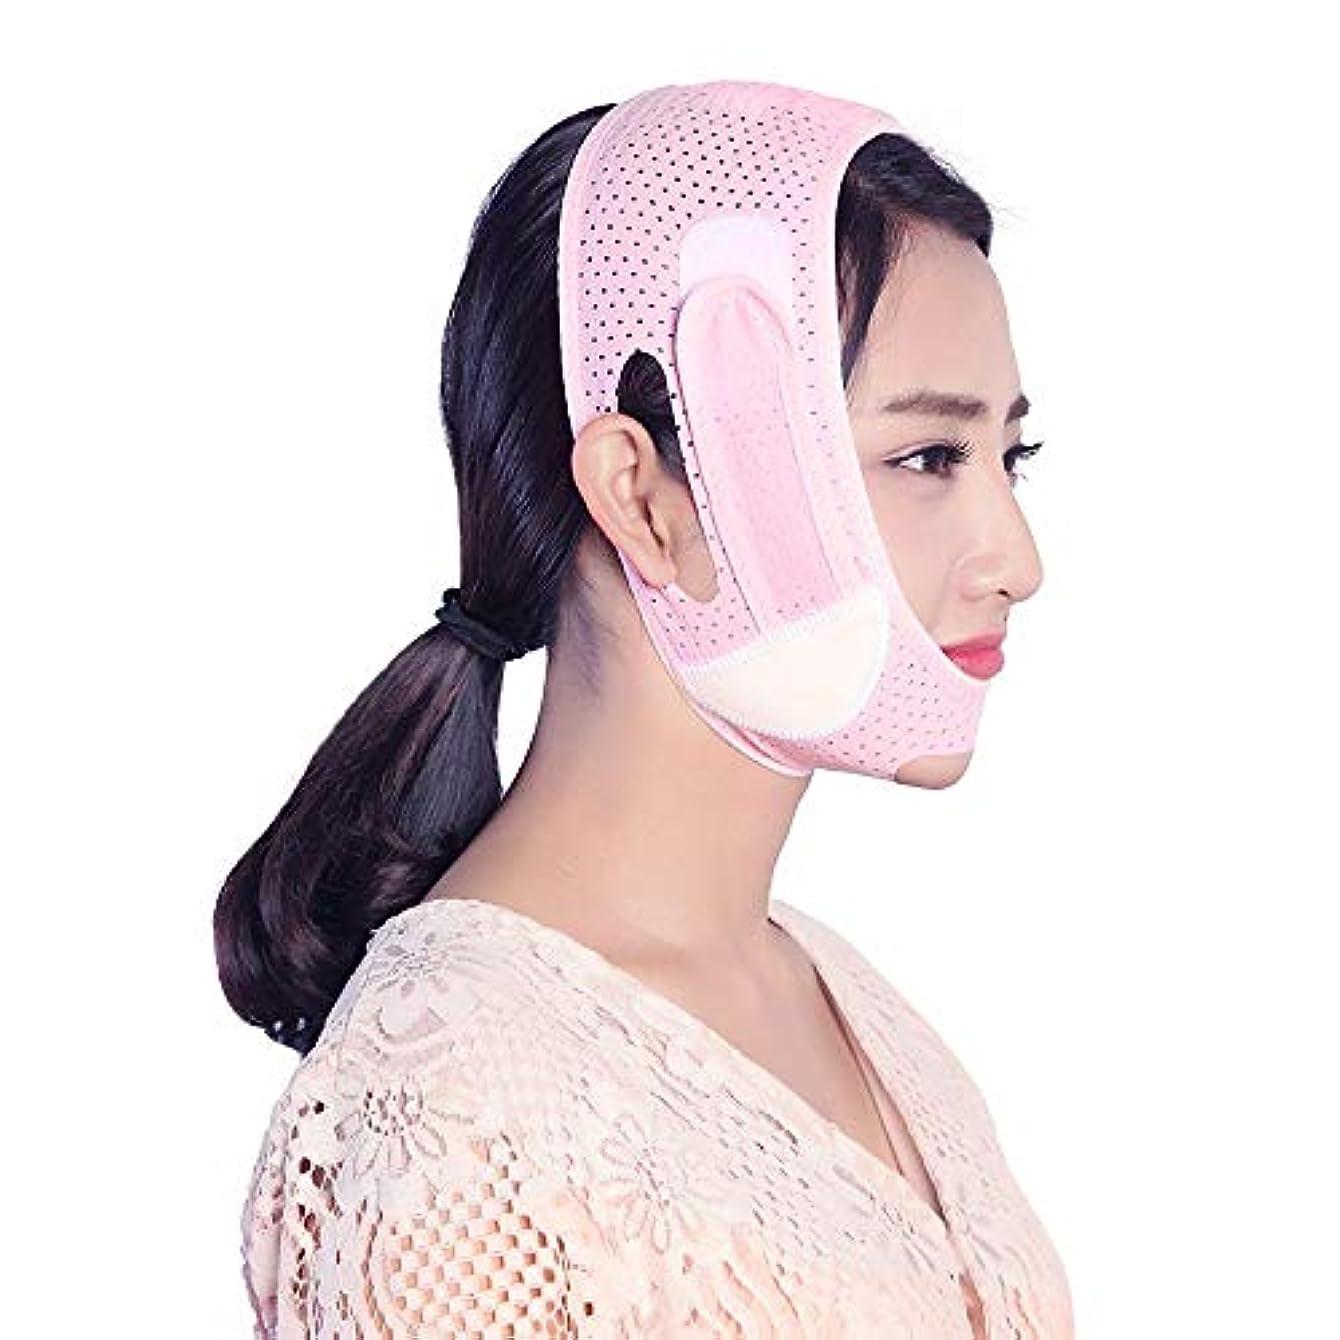 で出来ている現象飲食店Minmin 睡眠薄い顔パッチ包帯吊り上げプルv顔引き締めどころアーティファクト判決パターン二重あご薄いマッセルマスク - ピンク みんみんVラインフェイスマスク